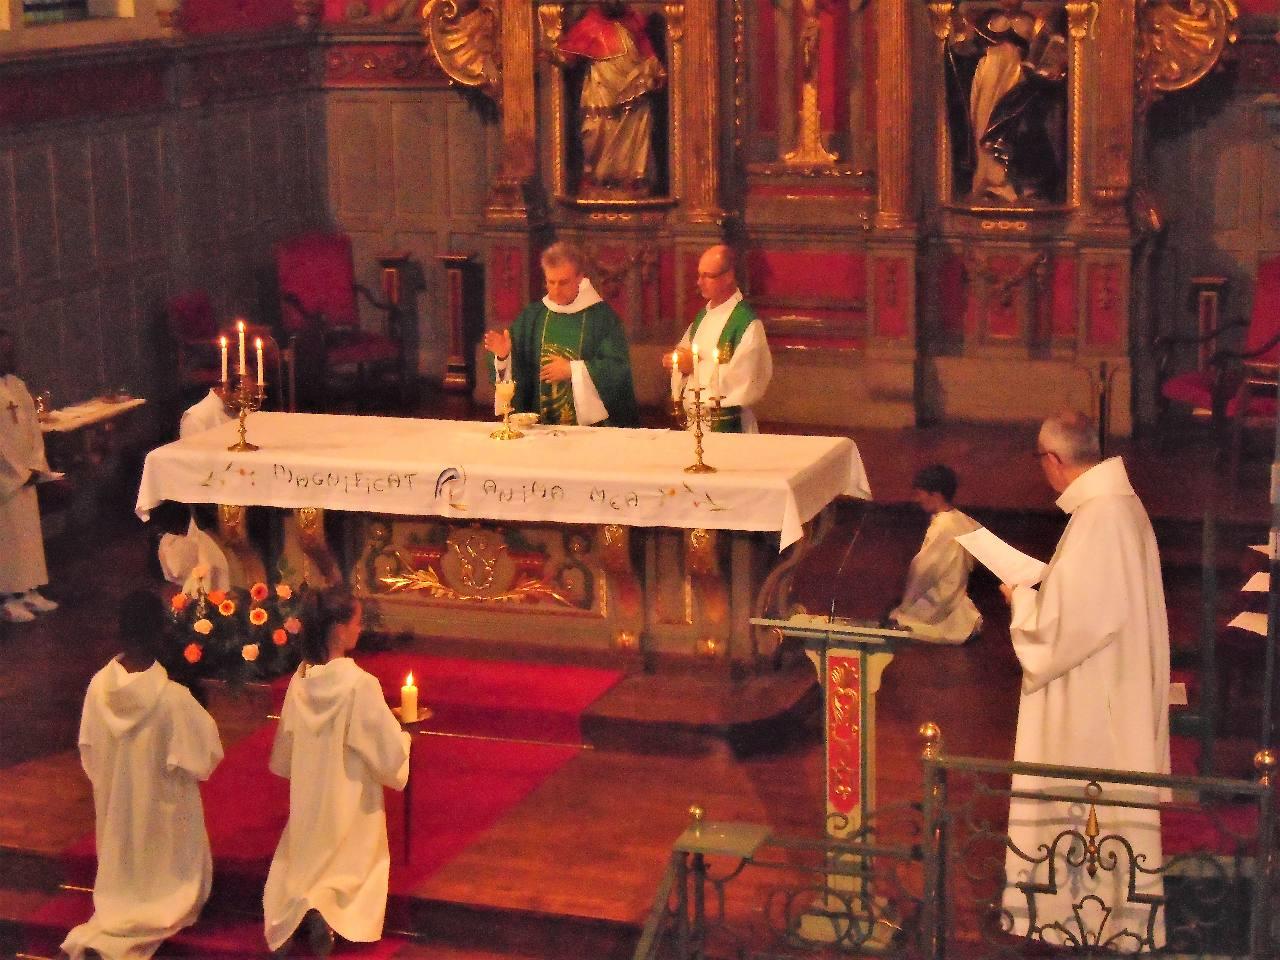 Le prêtre consacre le pain et le vin par l'appel de l'Esprit Saint pour qu'ils deviennent le Corps et le Sang de Jésus, dans une présence réelle